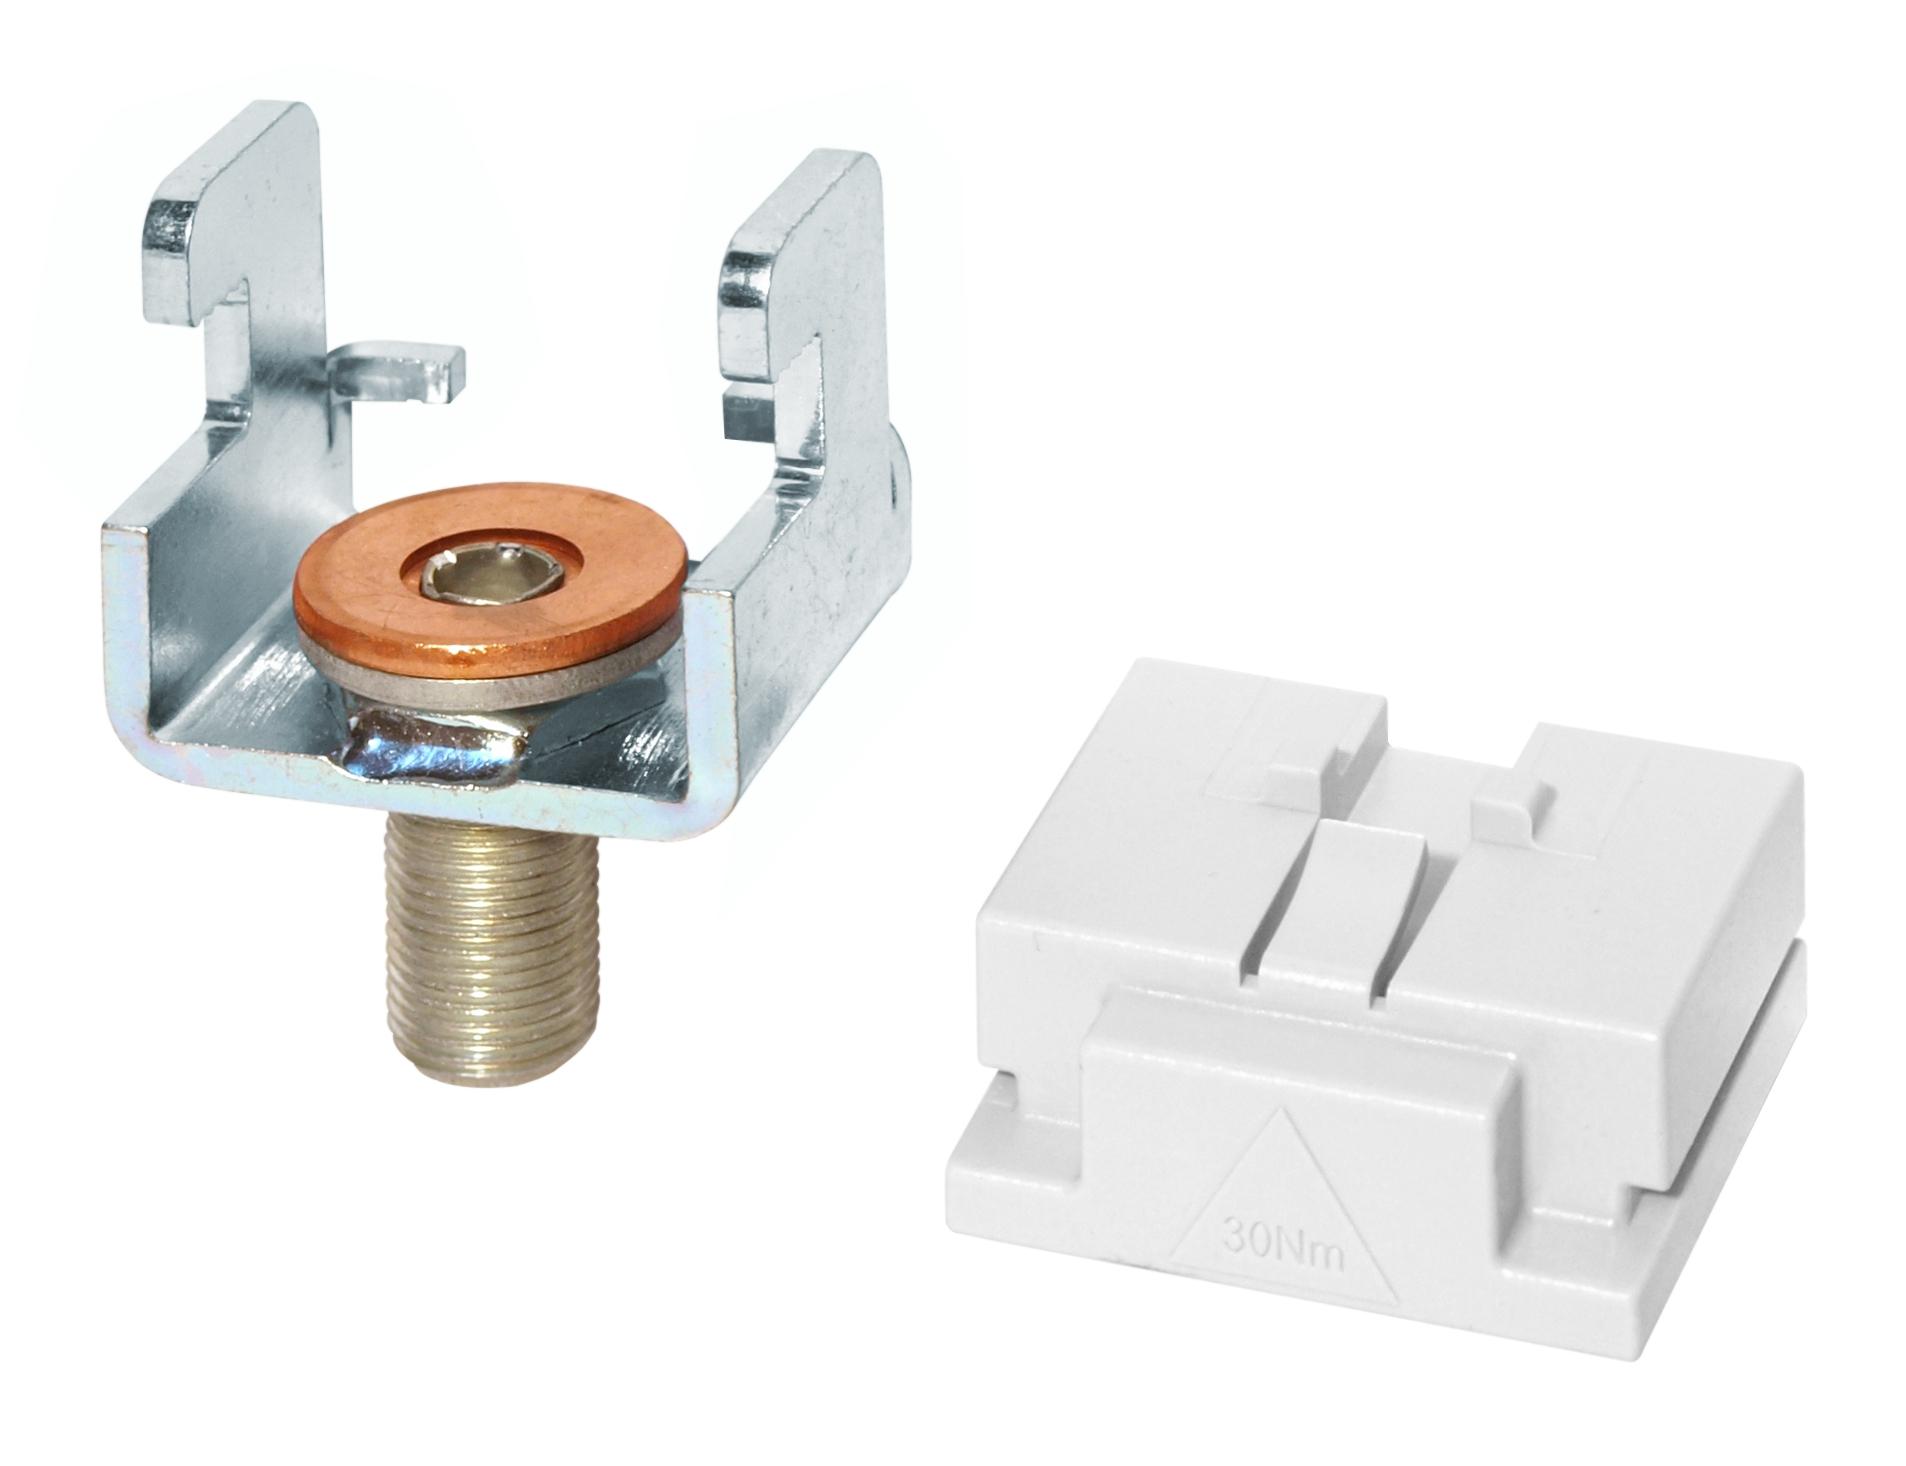 1 Stk Klemmbügel für Anschluss oben für Secur Leanstreamer Gr. 1-3 SI331010--